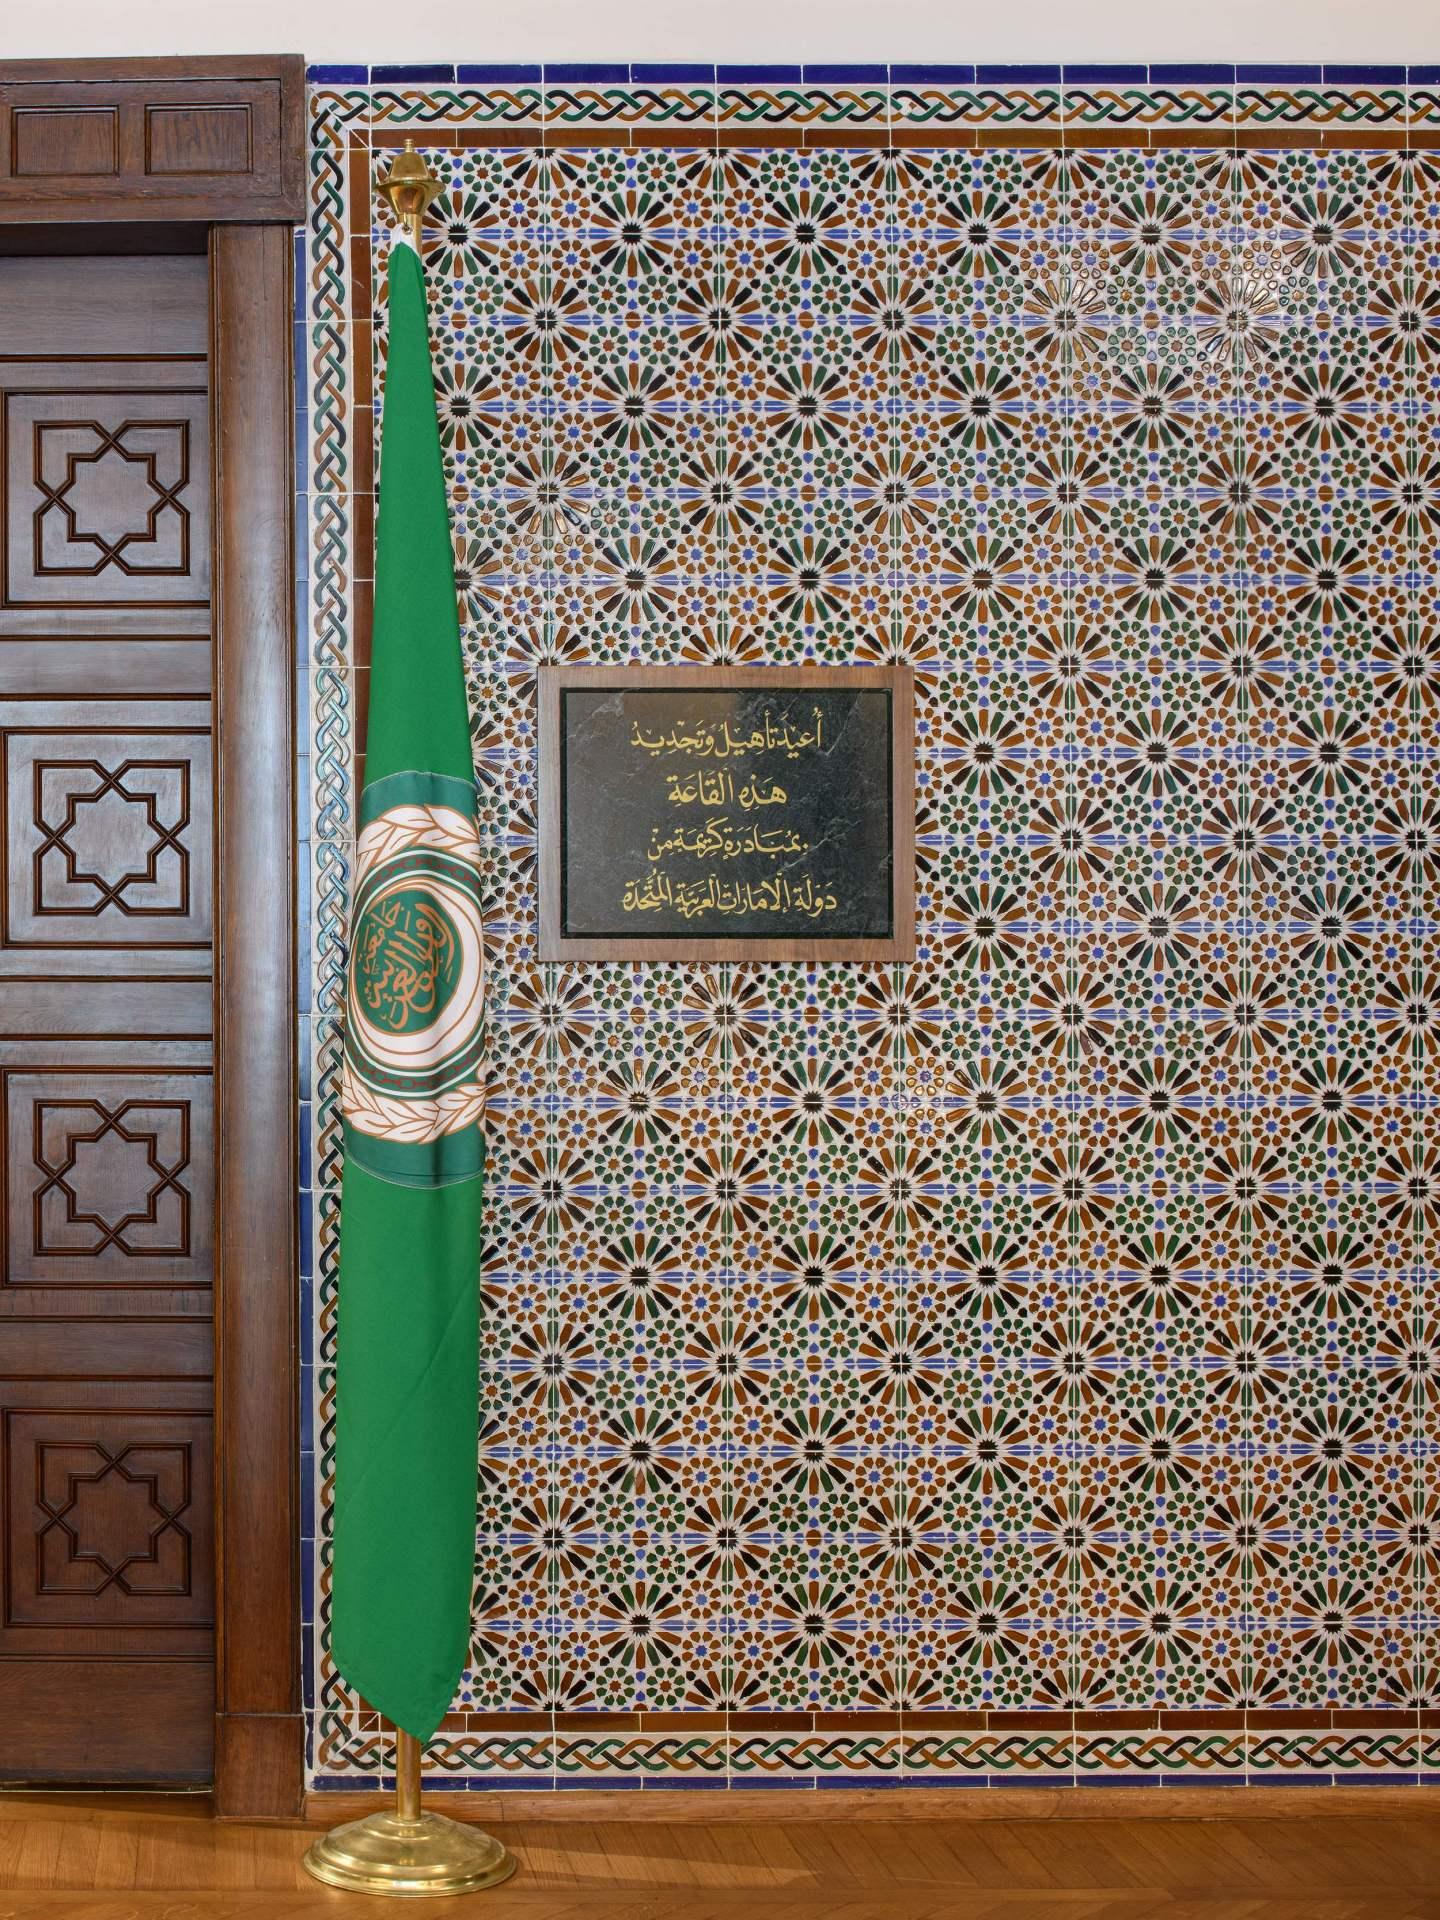 Nada-Debs_Arab_League_designalive-11